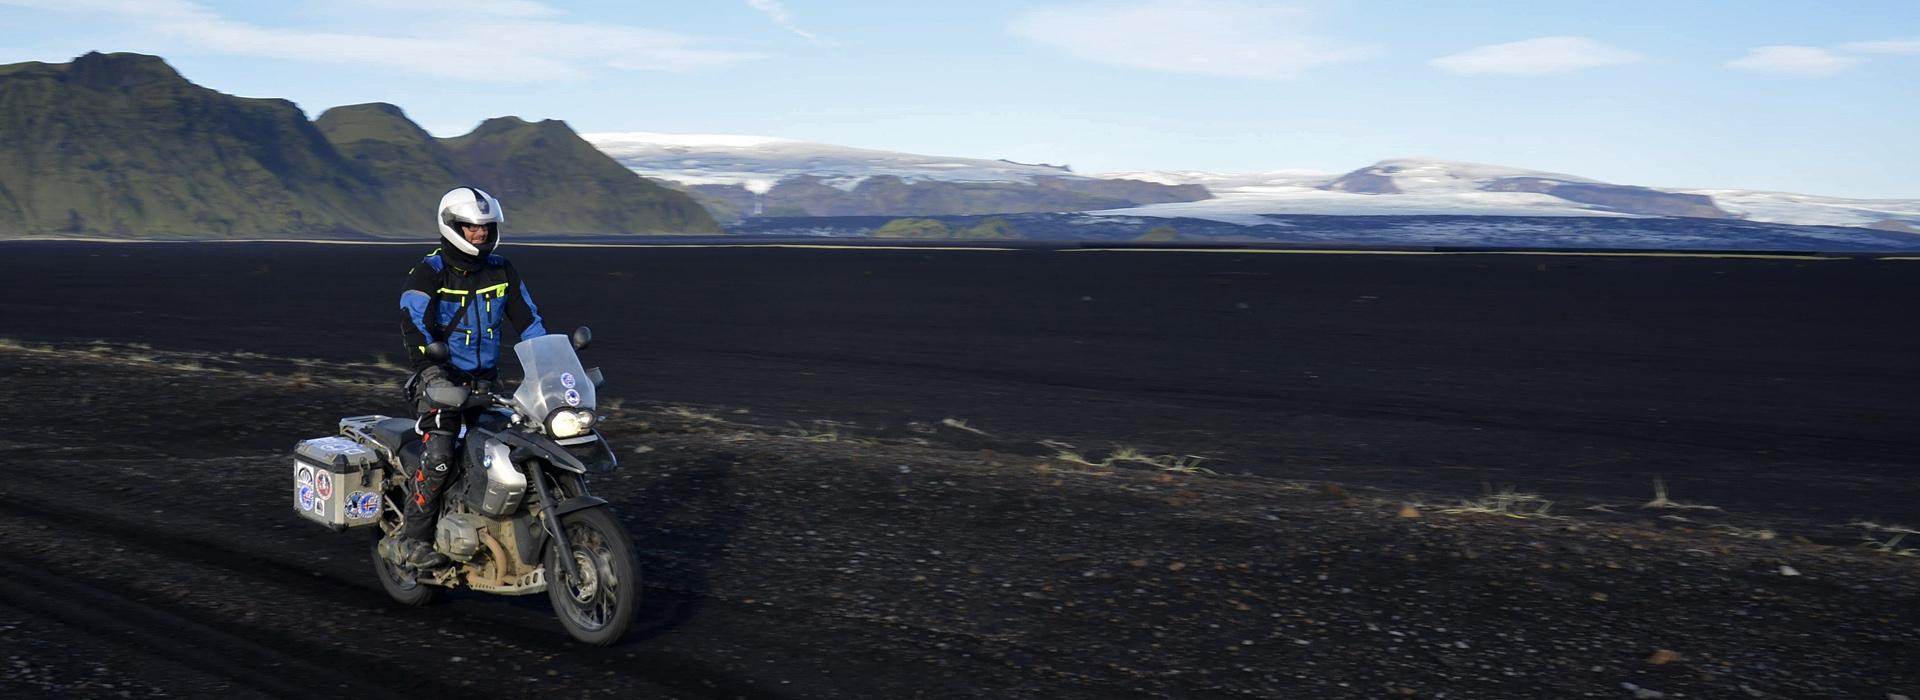 Motorreis IJsland Paul Duijf